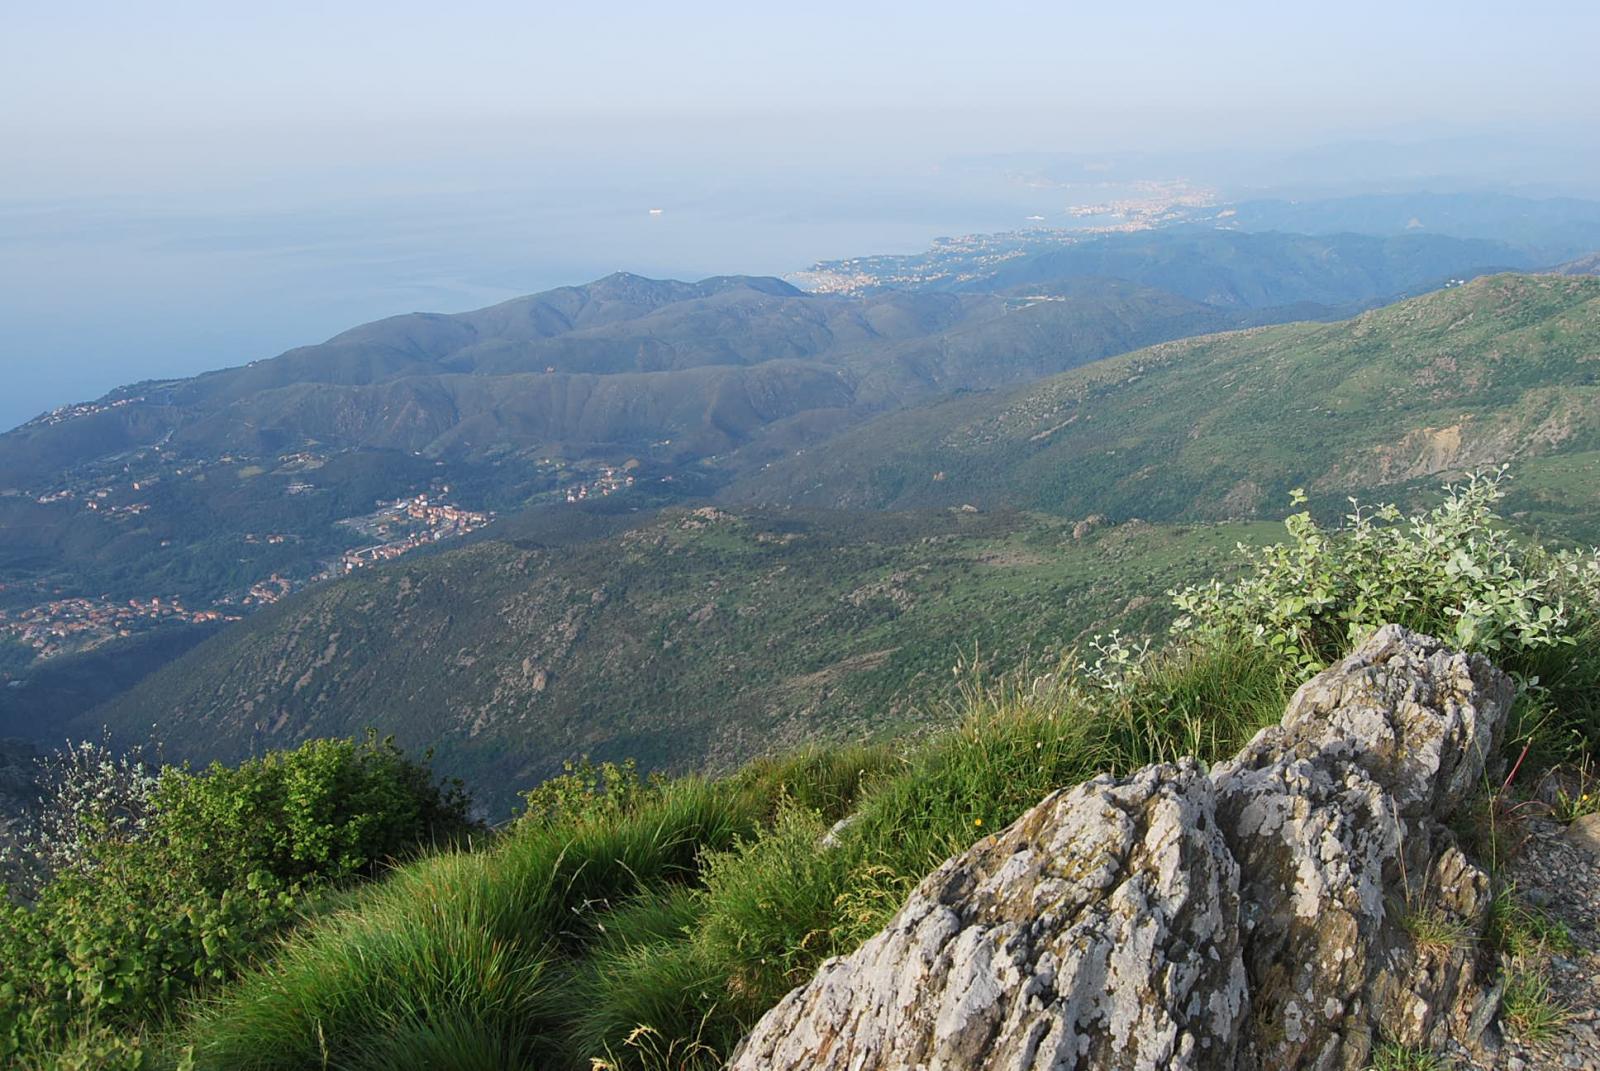 La costa ligure oltre Varazze dalla vetta del Monte Rama